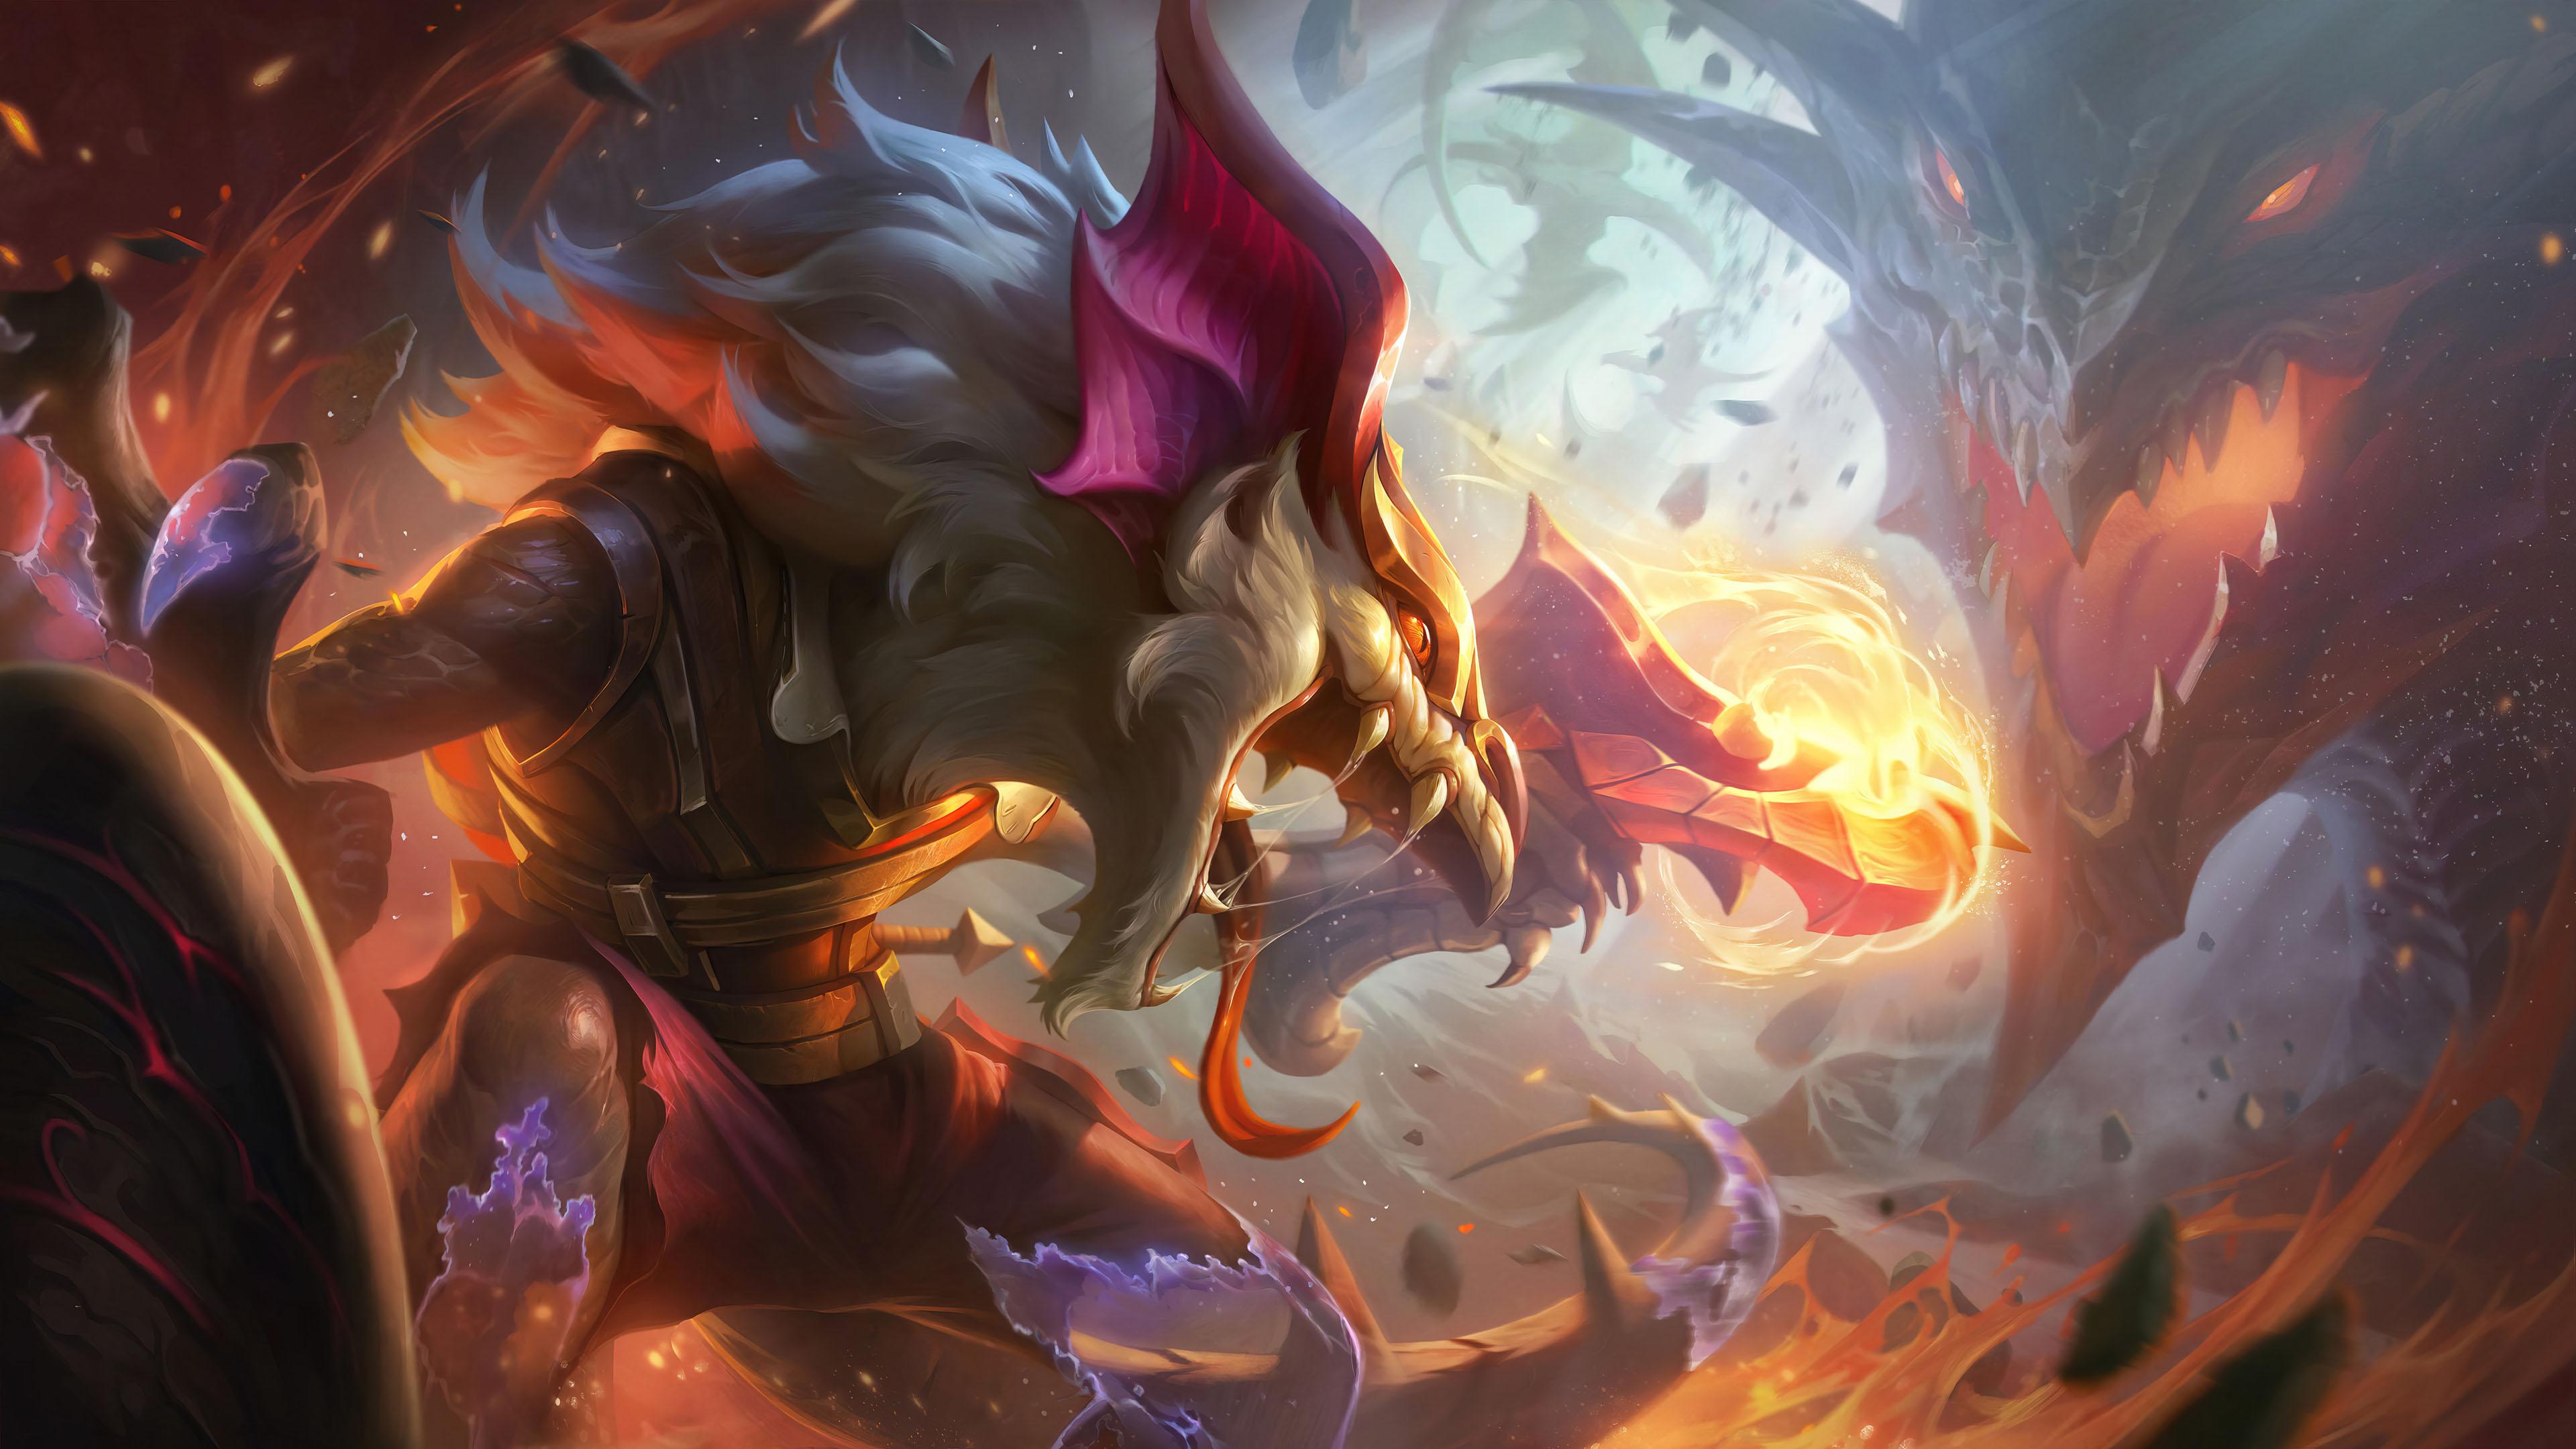 游戏壁纸,英雄联盟,LOL,龙,火焰